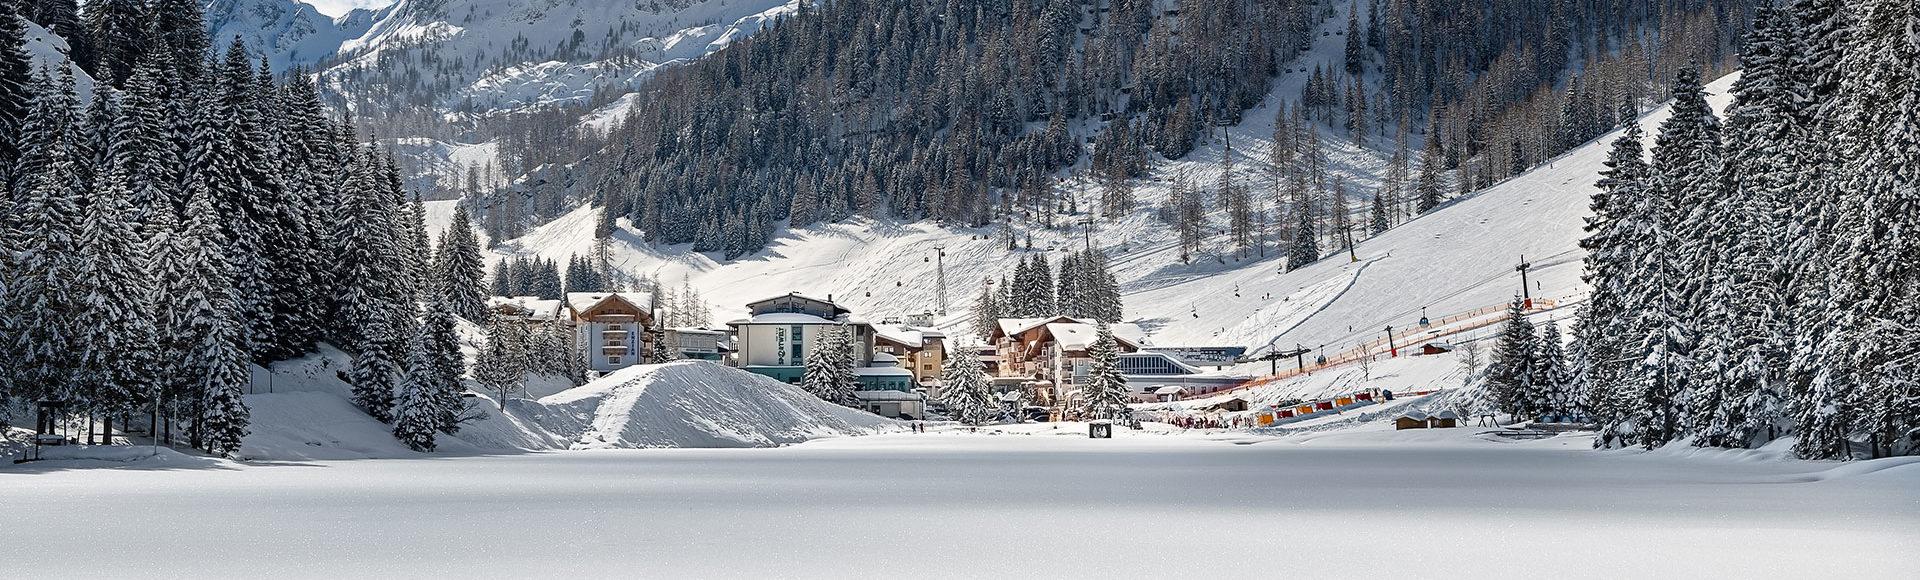 Winter- & Skiurlaub in Zauchensee, Ski amadé